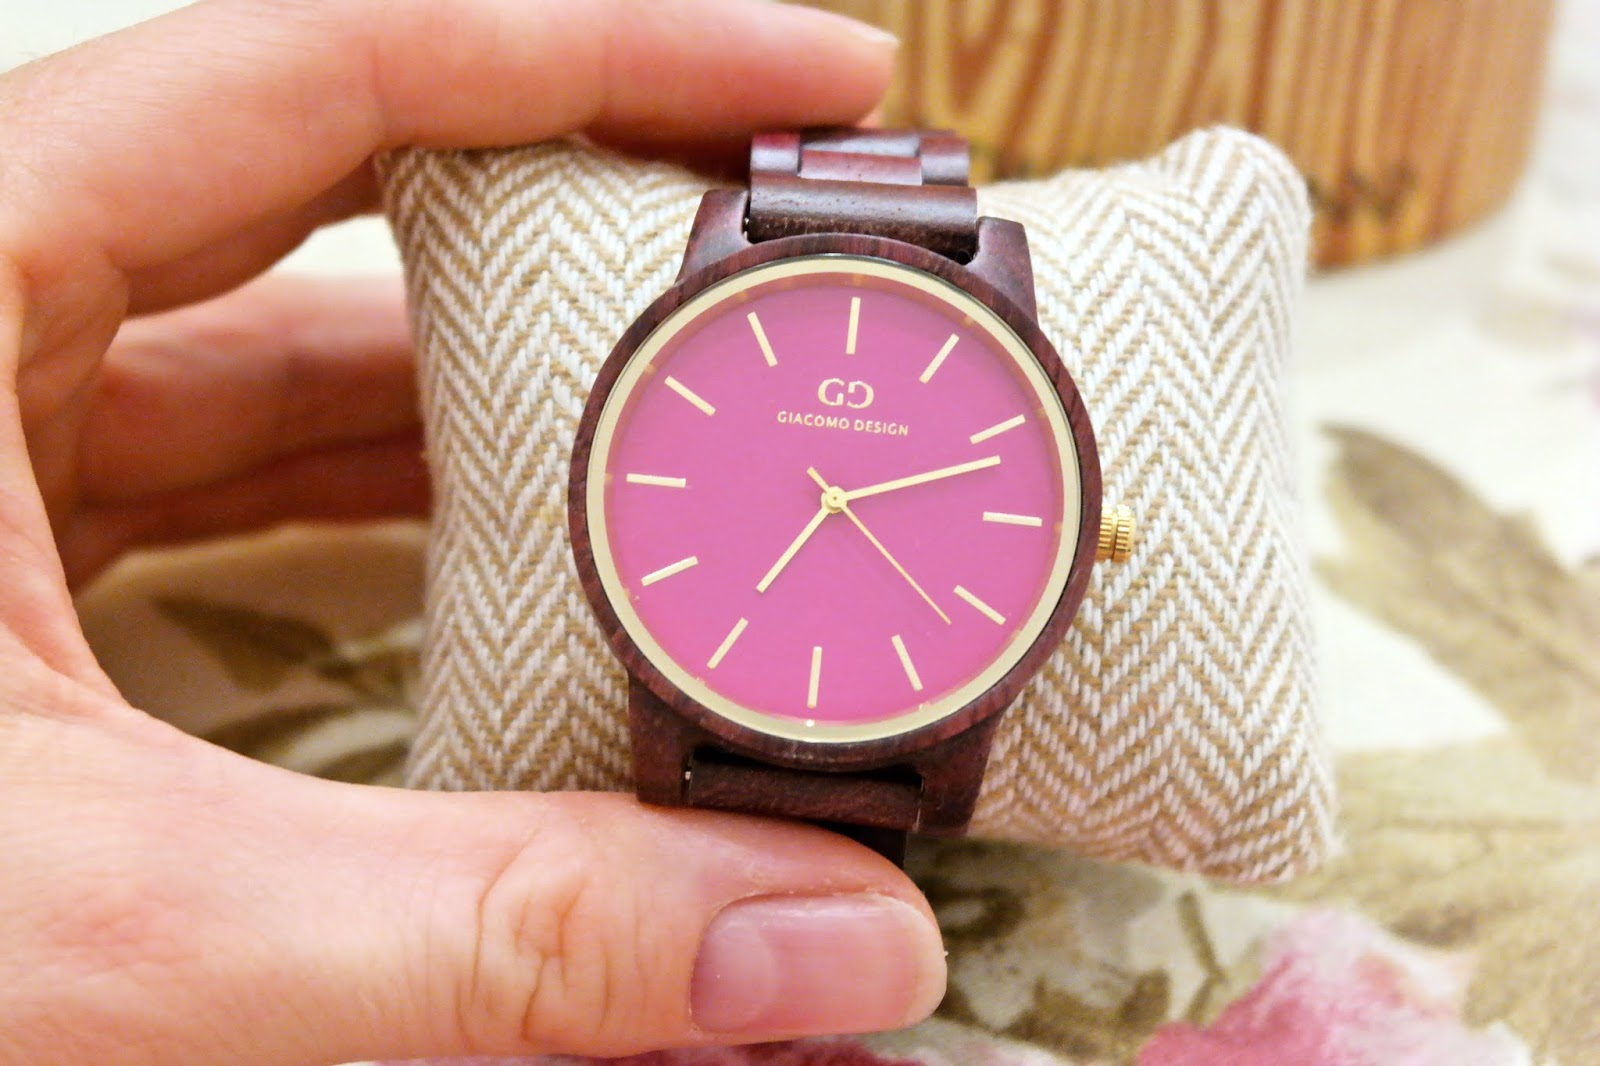 zegarek z różową tarczą